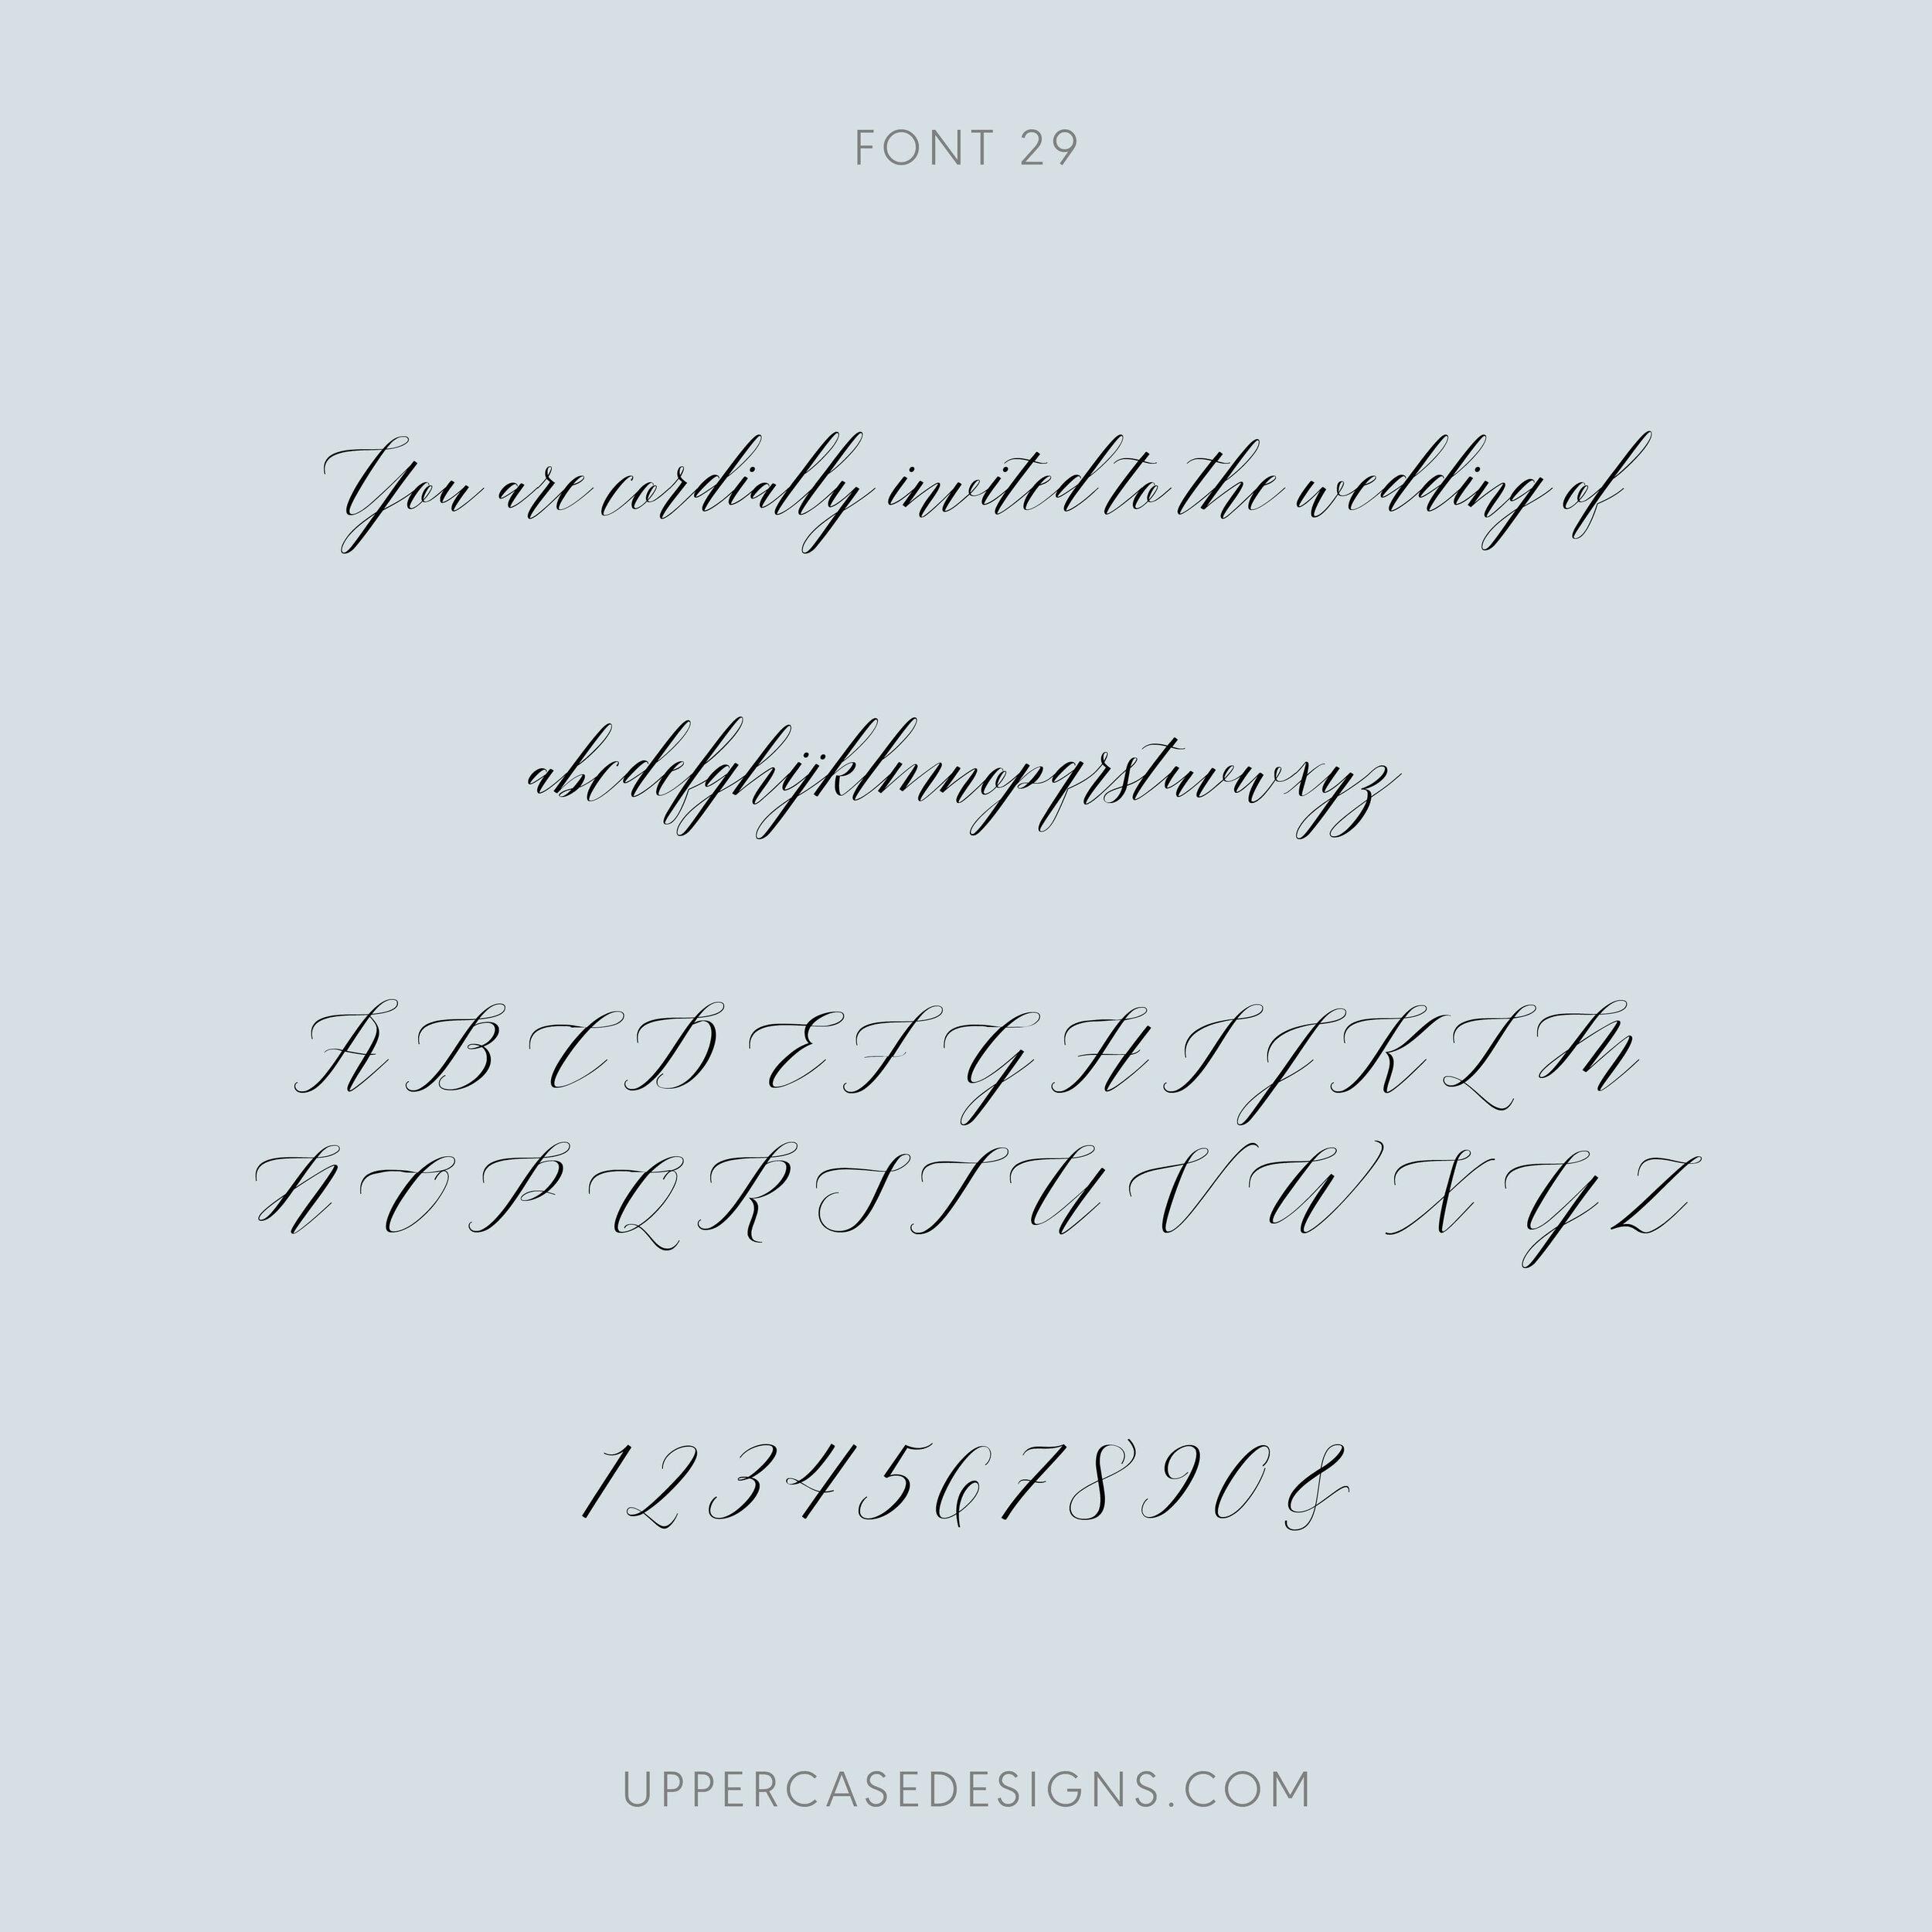 UppercaseDesigns-Fonts-202029.jpg